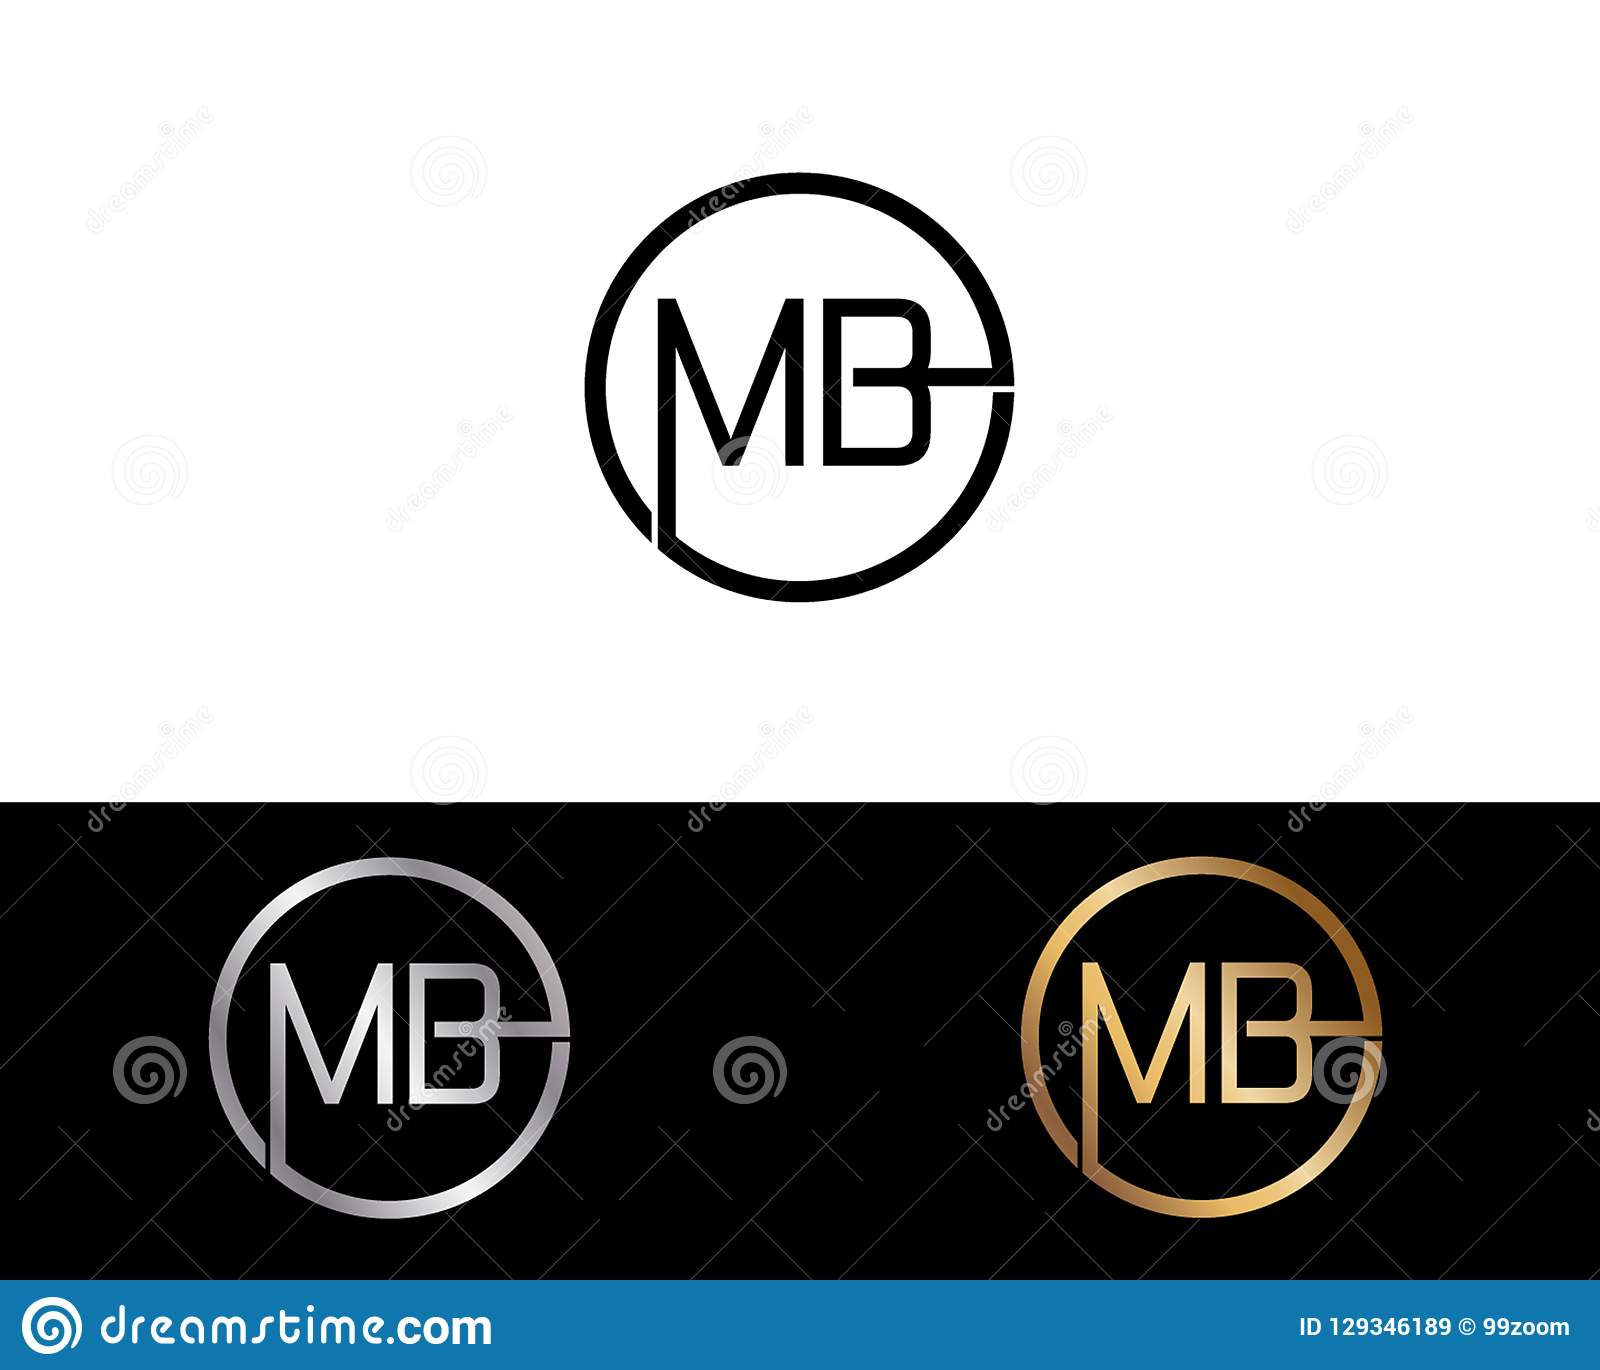 Mb-Kreis Form-Buchstabelogo Design